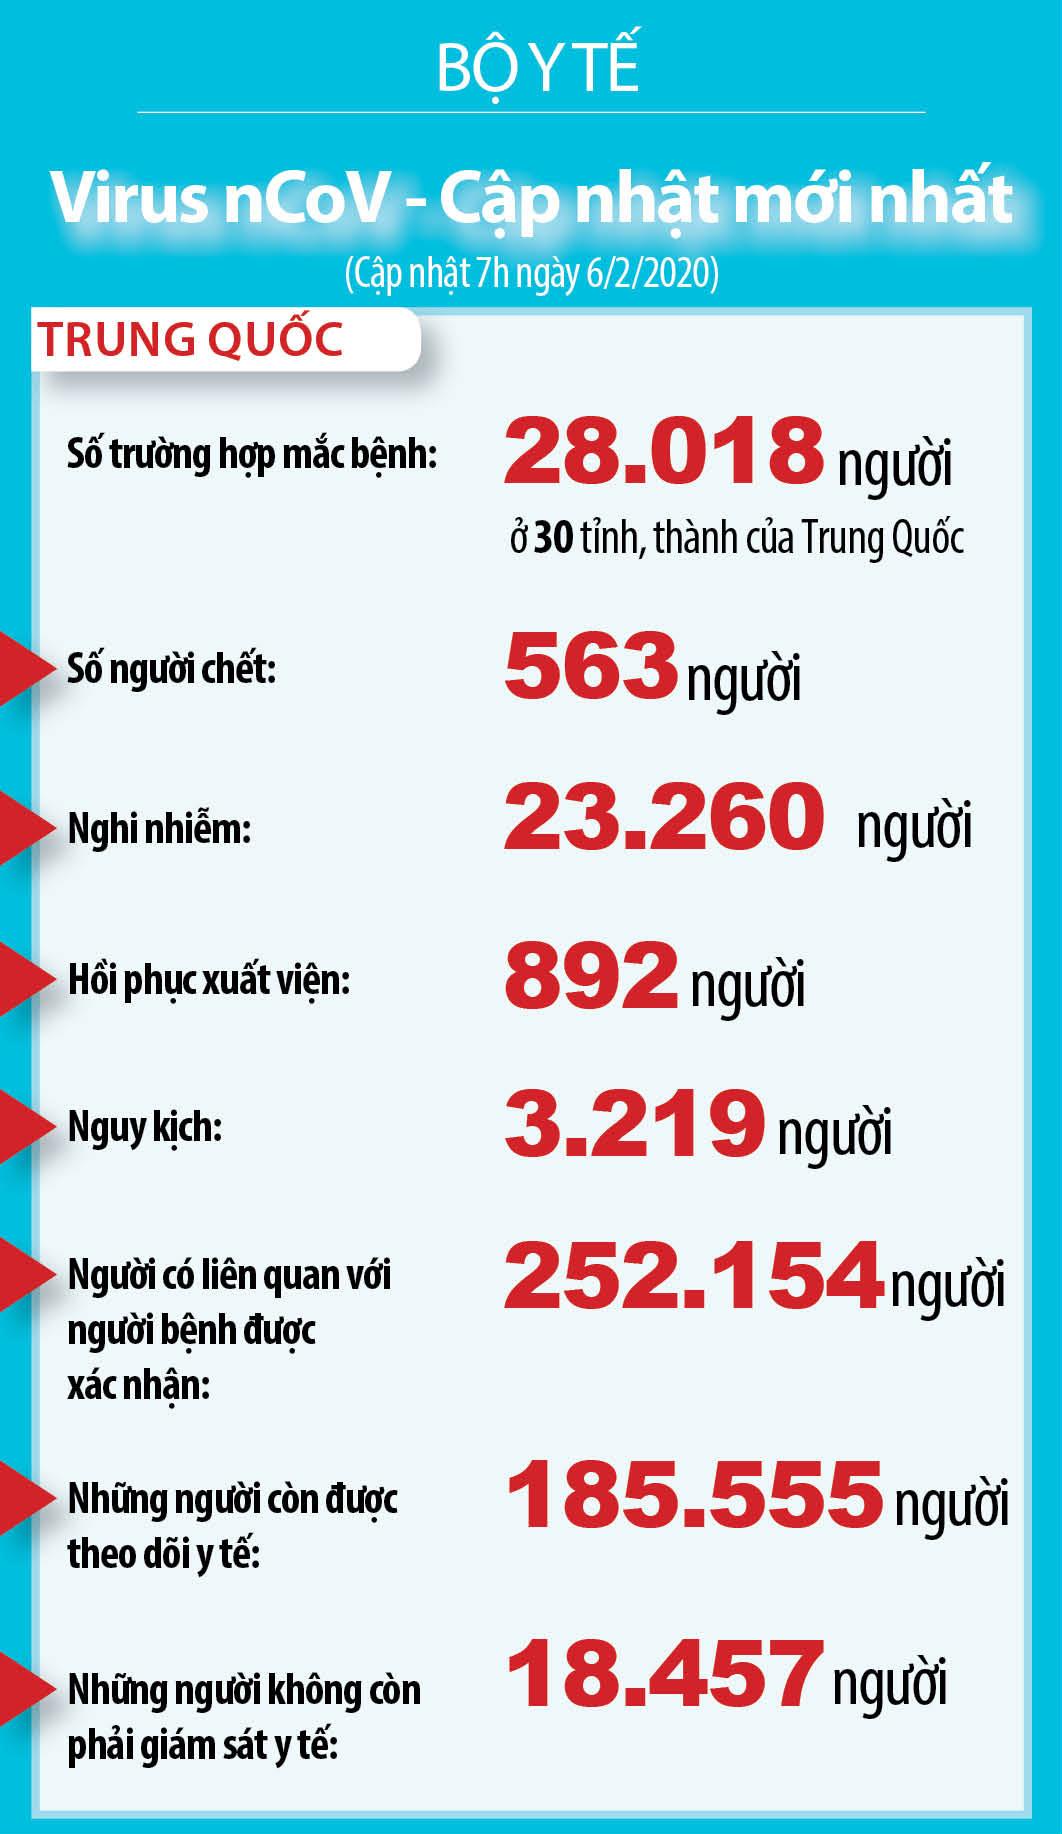 Cập nhật tình hình dịch corona chiều 6/2: 1.153 người tại Trung Quốc hồi phục xuất viện, Việt Nam không có ca nào dương tính nCoV trong 48 giờ qua - Ảnh 2.